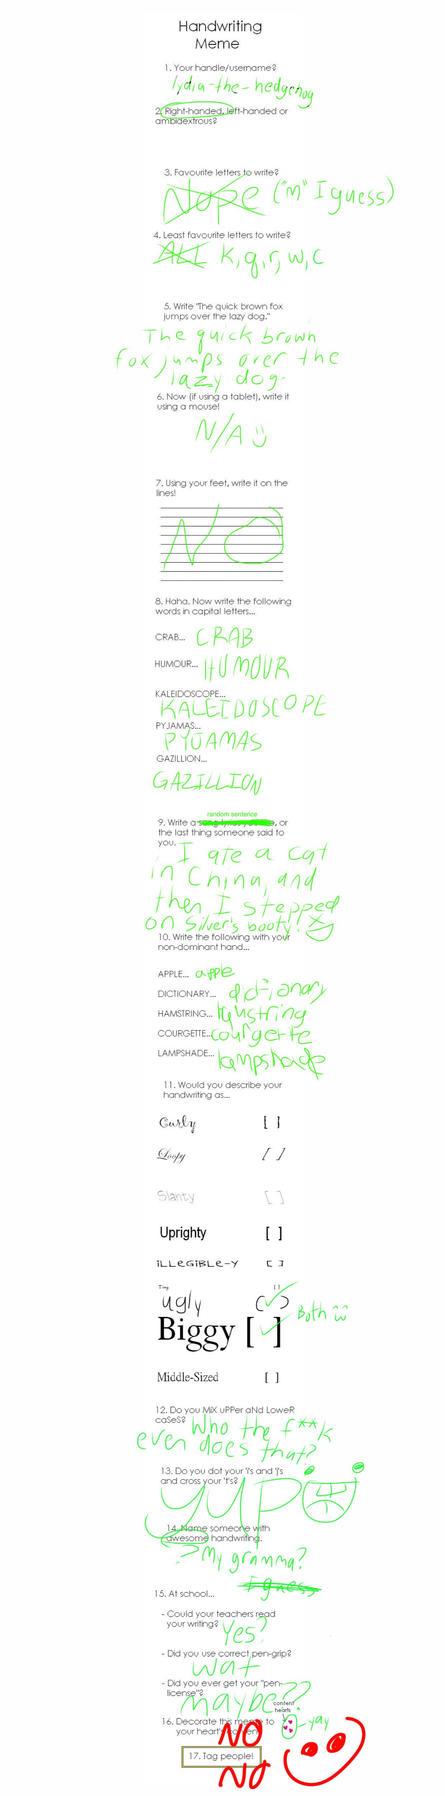 Handwriting Meme by edo67